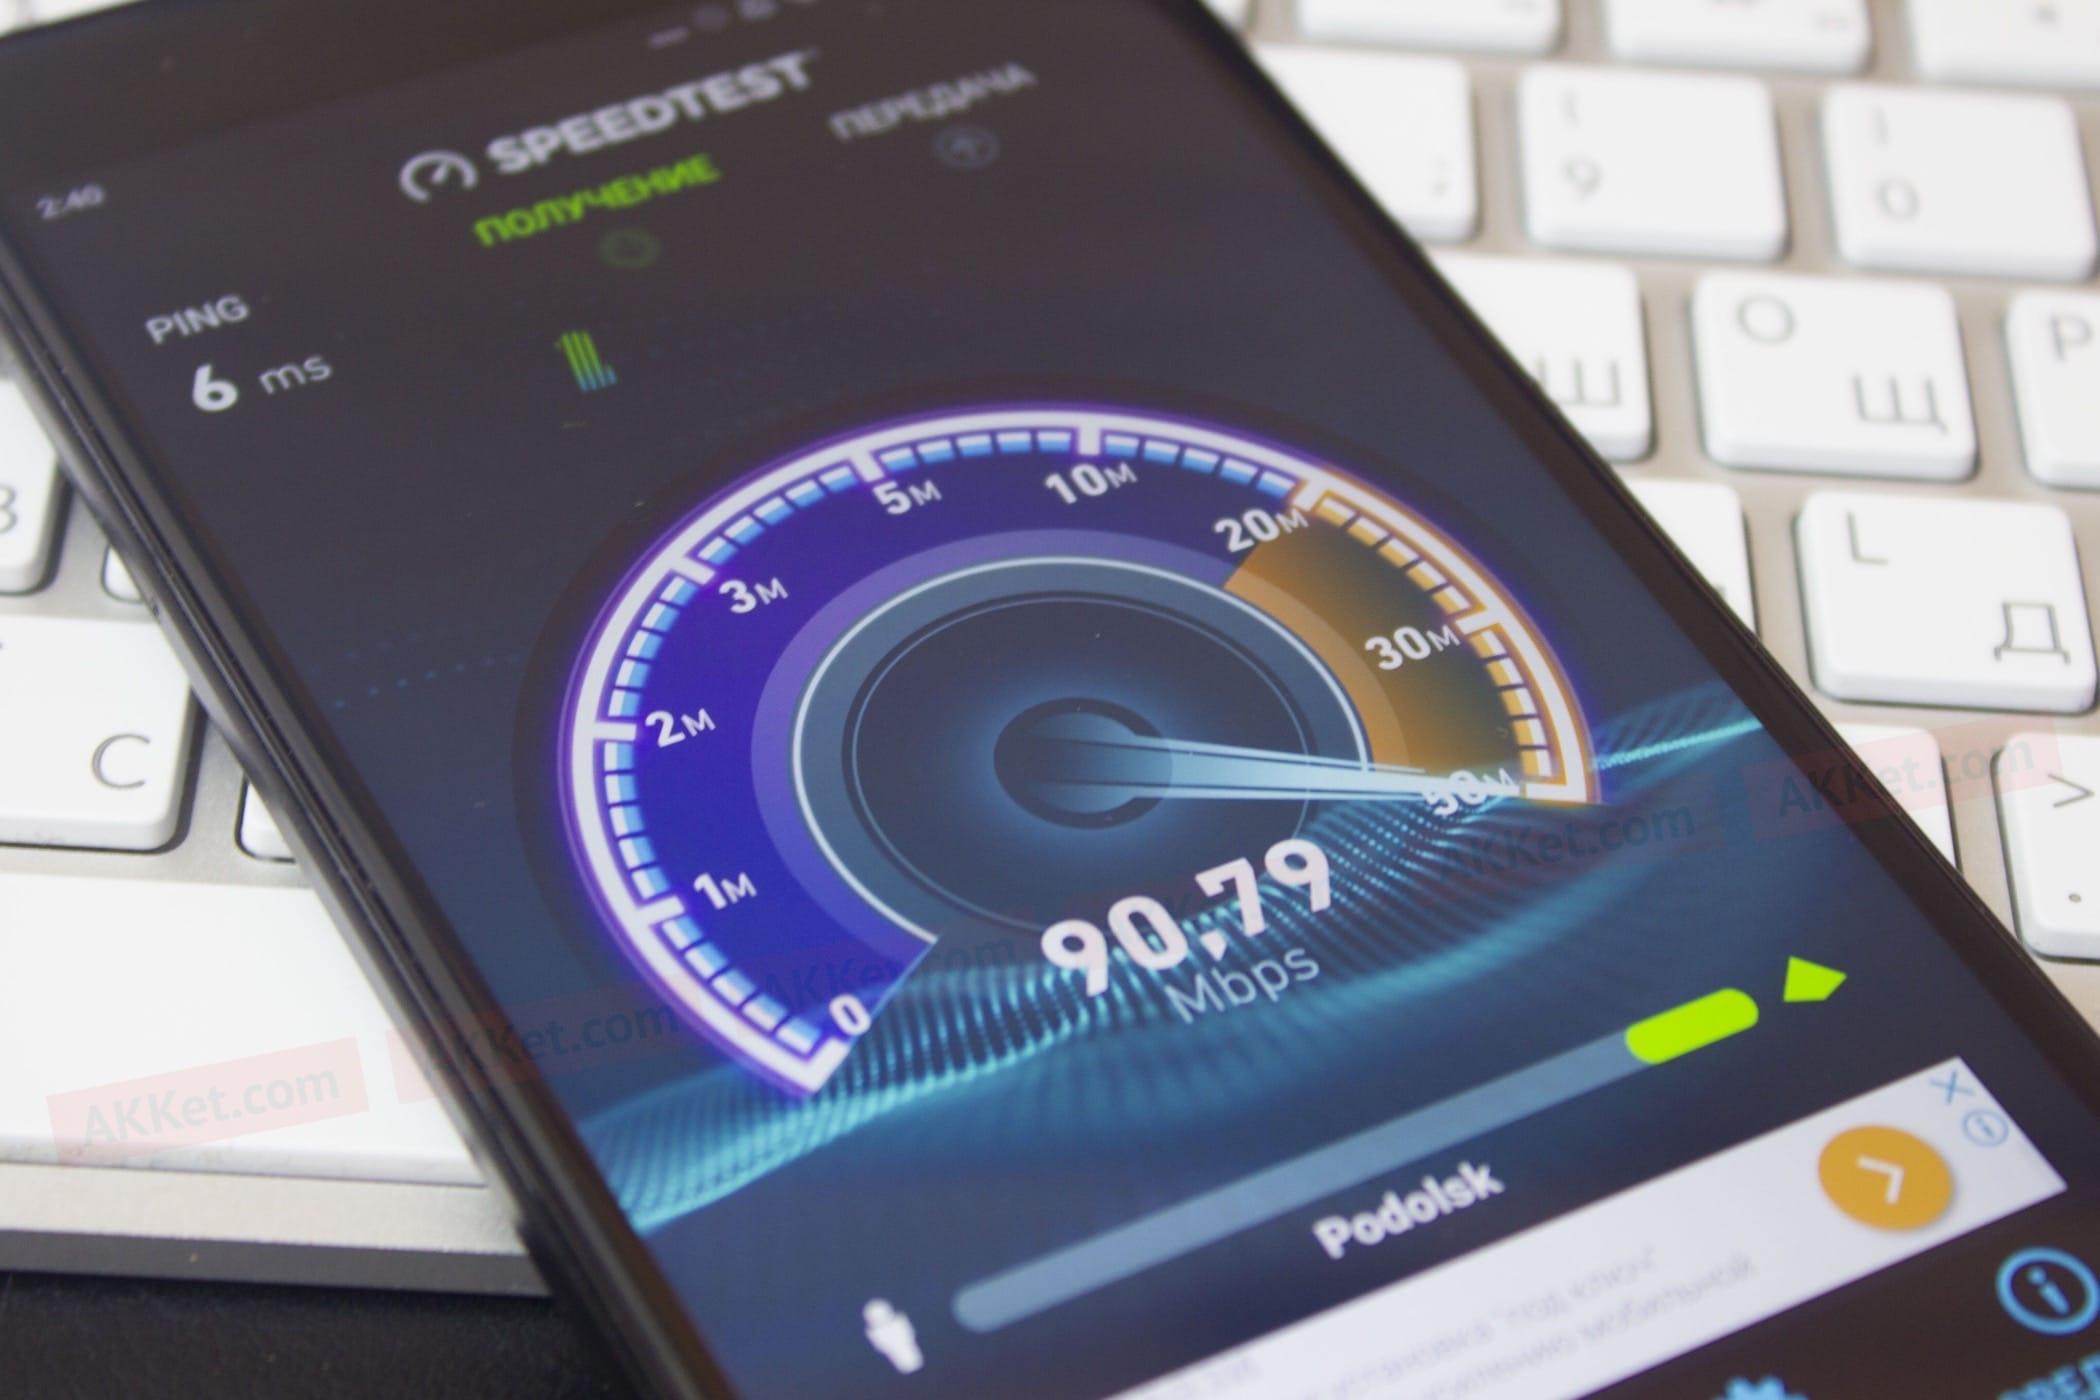 fa90e6b1f42c2 Скрытая настройка во всех Android-смартфонах ощутимо повышает скорость  интернета